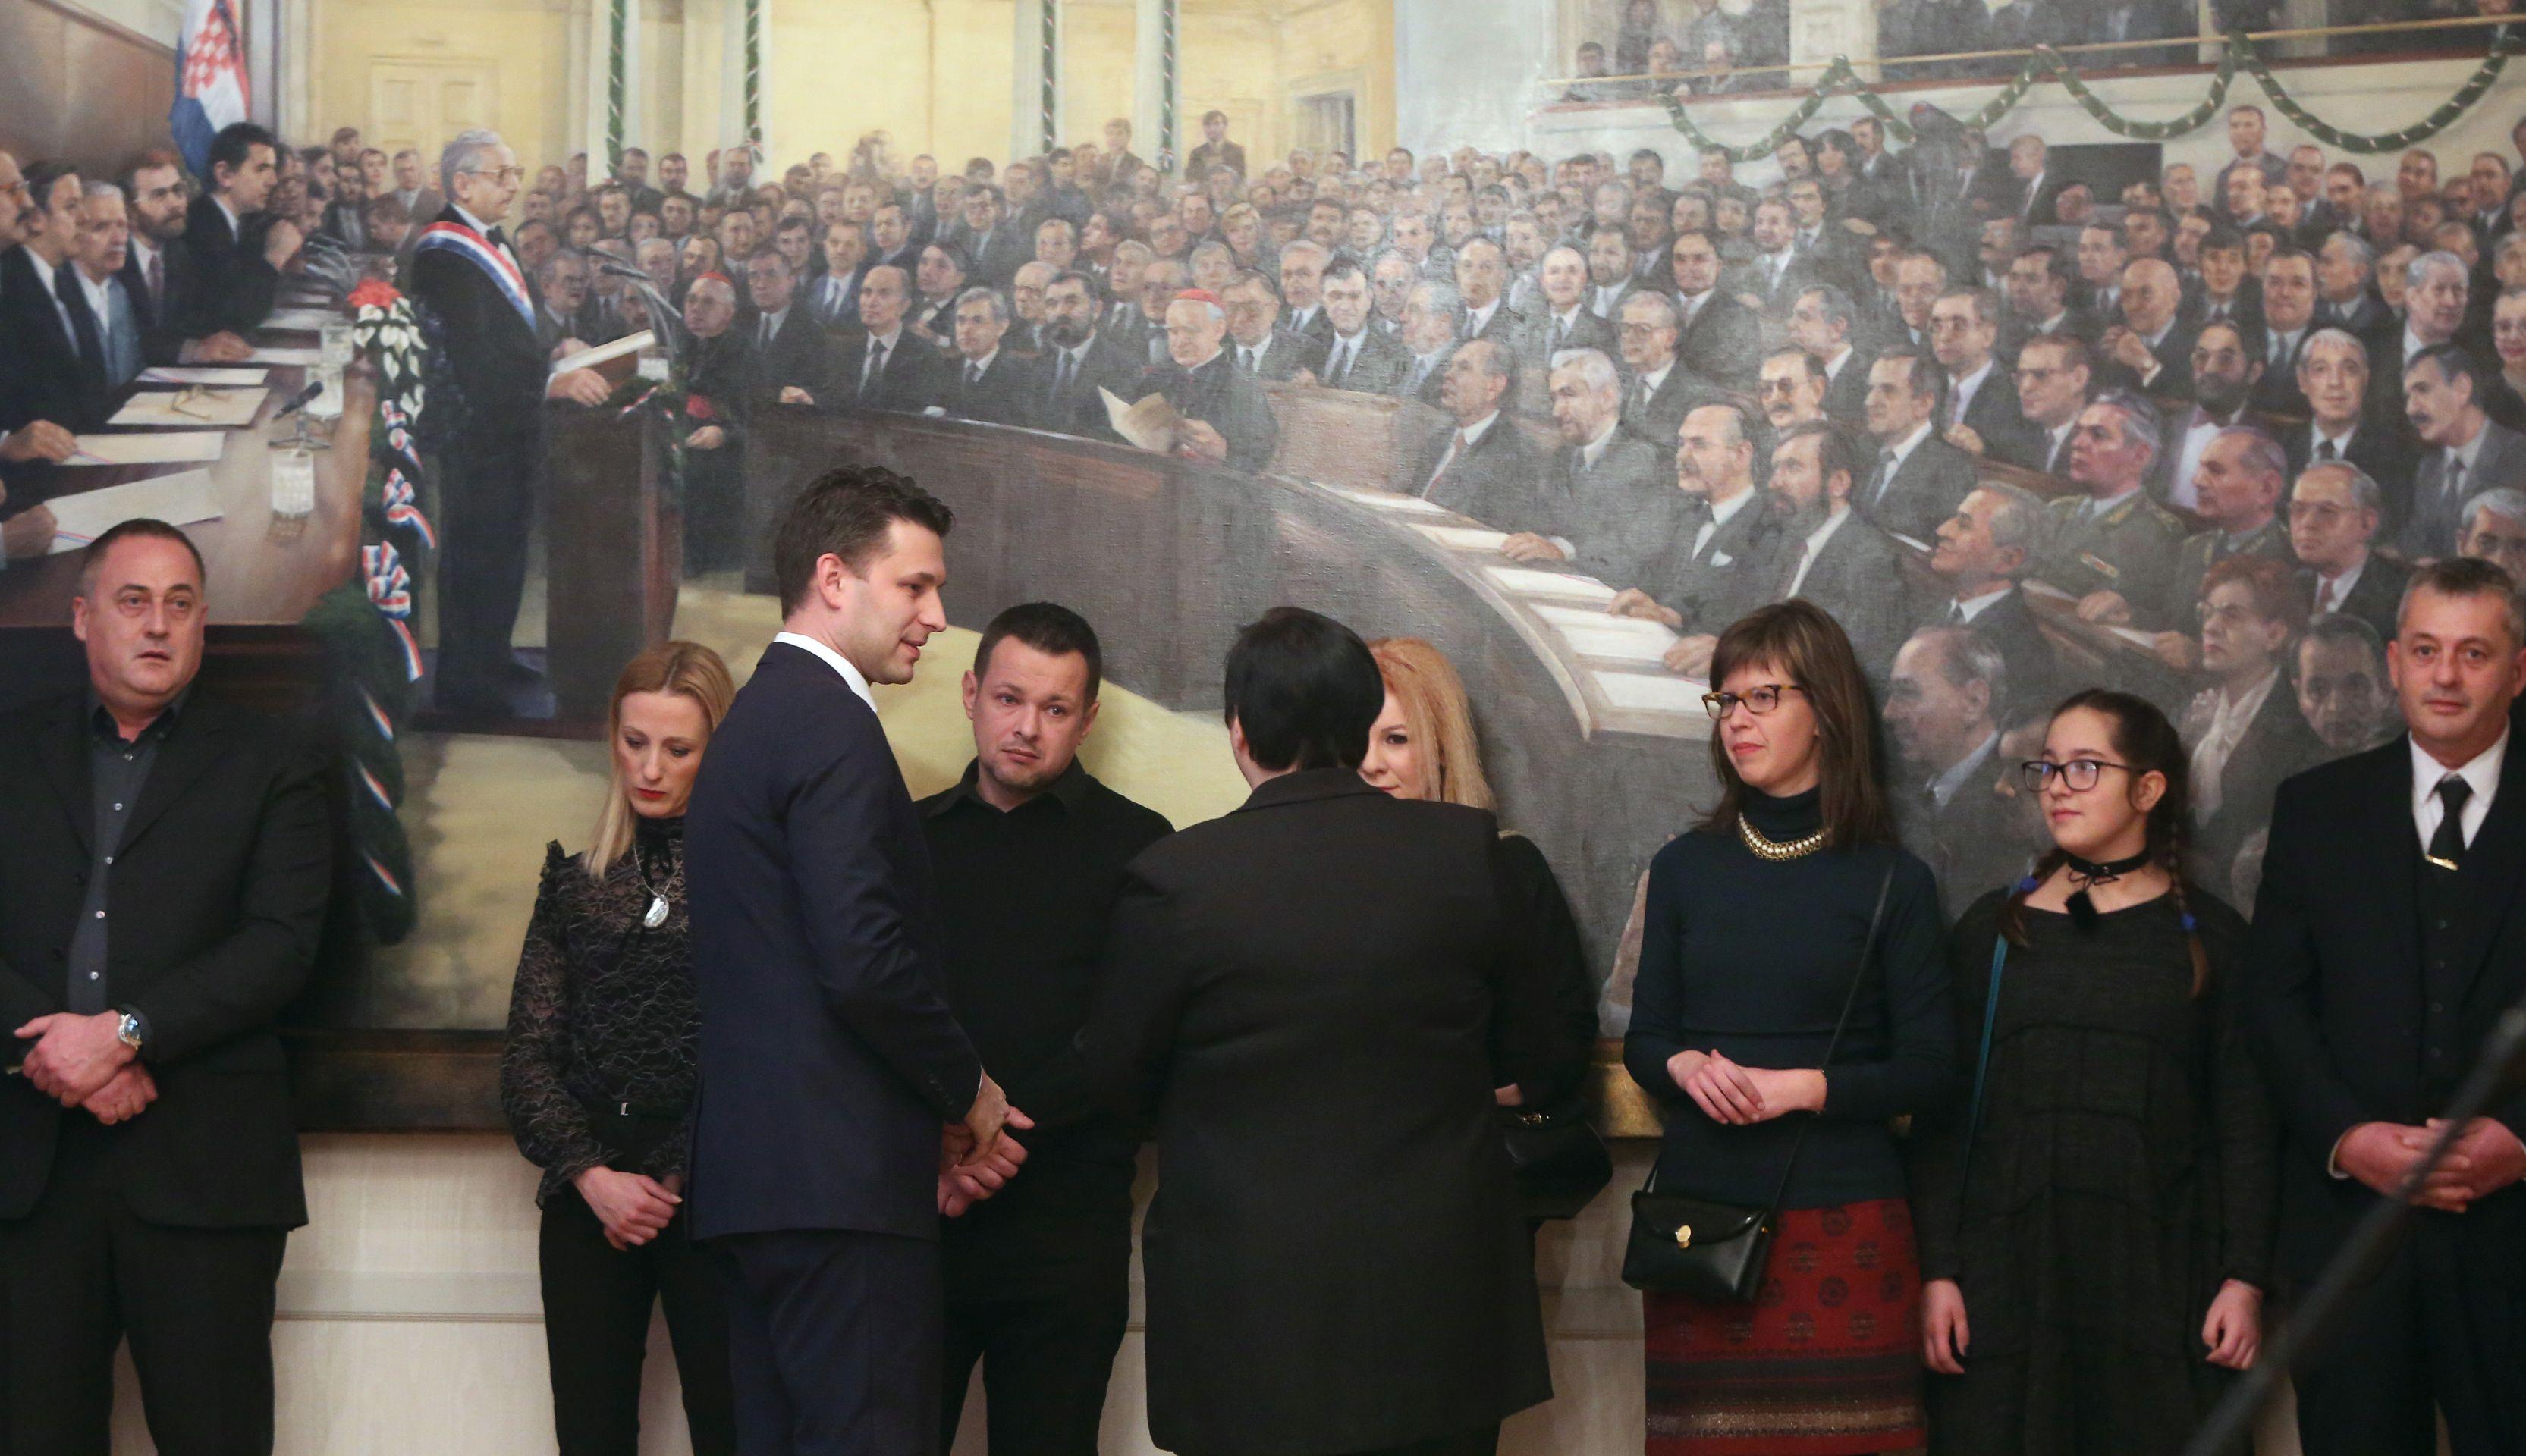 PETROV DOBITNICIMA NAGRADE 'PONOS HRVATSKE': 'Vi ste istinski ponos Hrvatske'